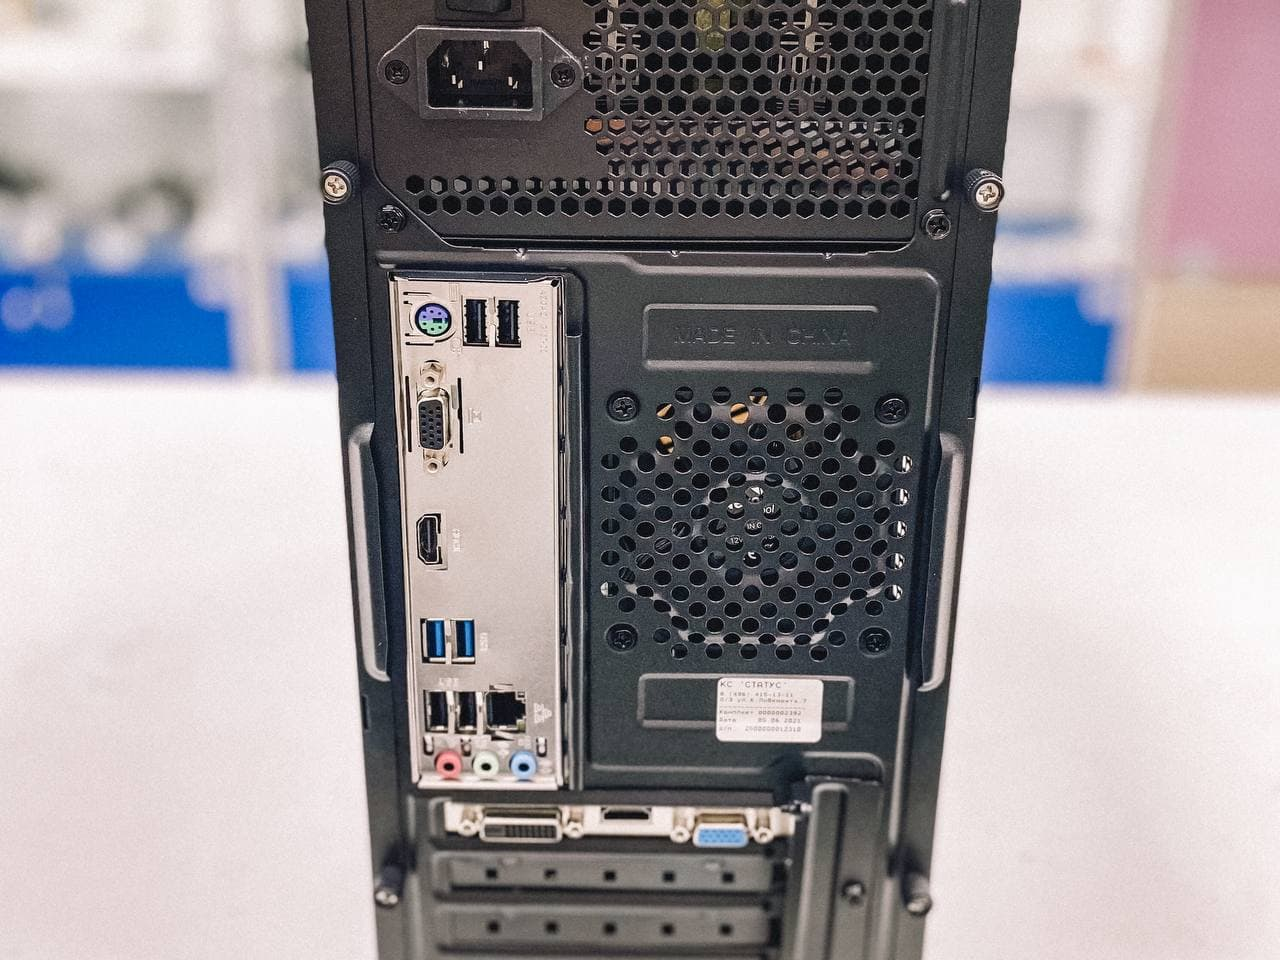 картинка Системный блок Status Home Core i3 Intel от магазина Одежда+